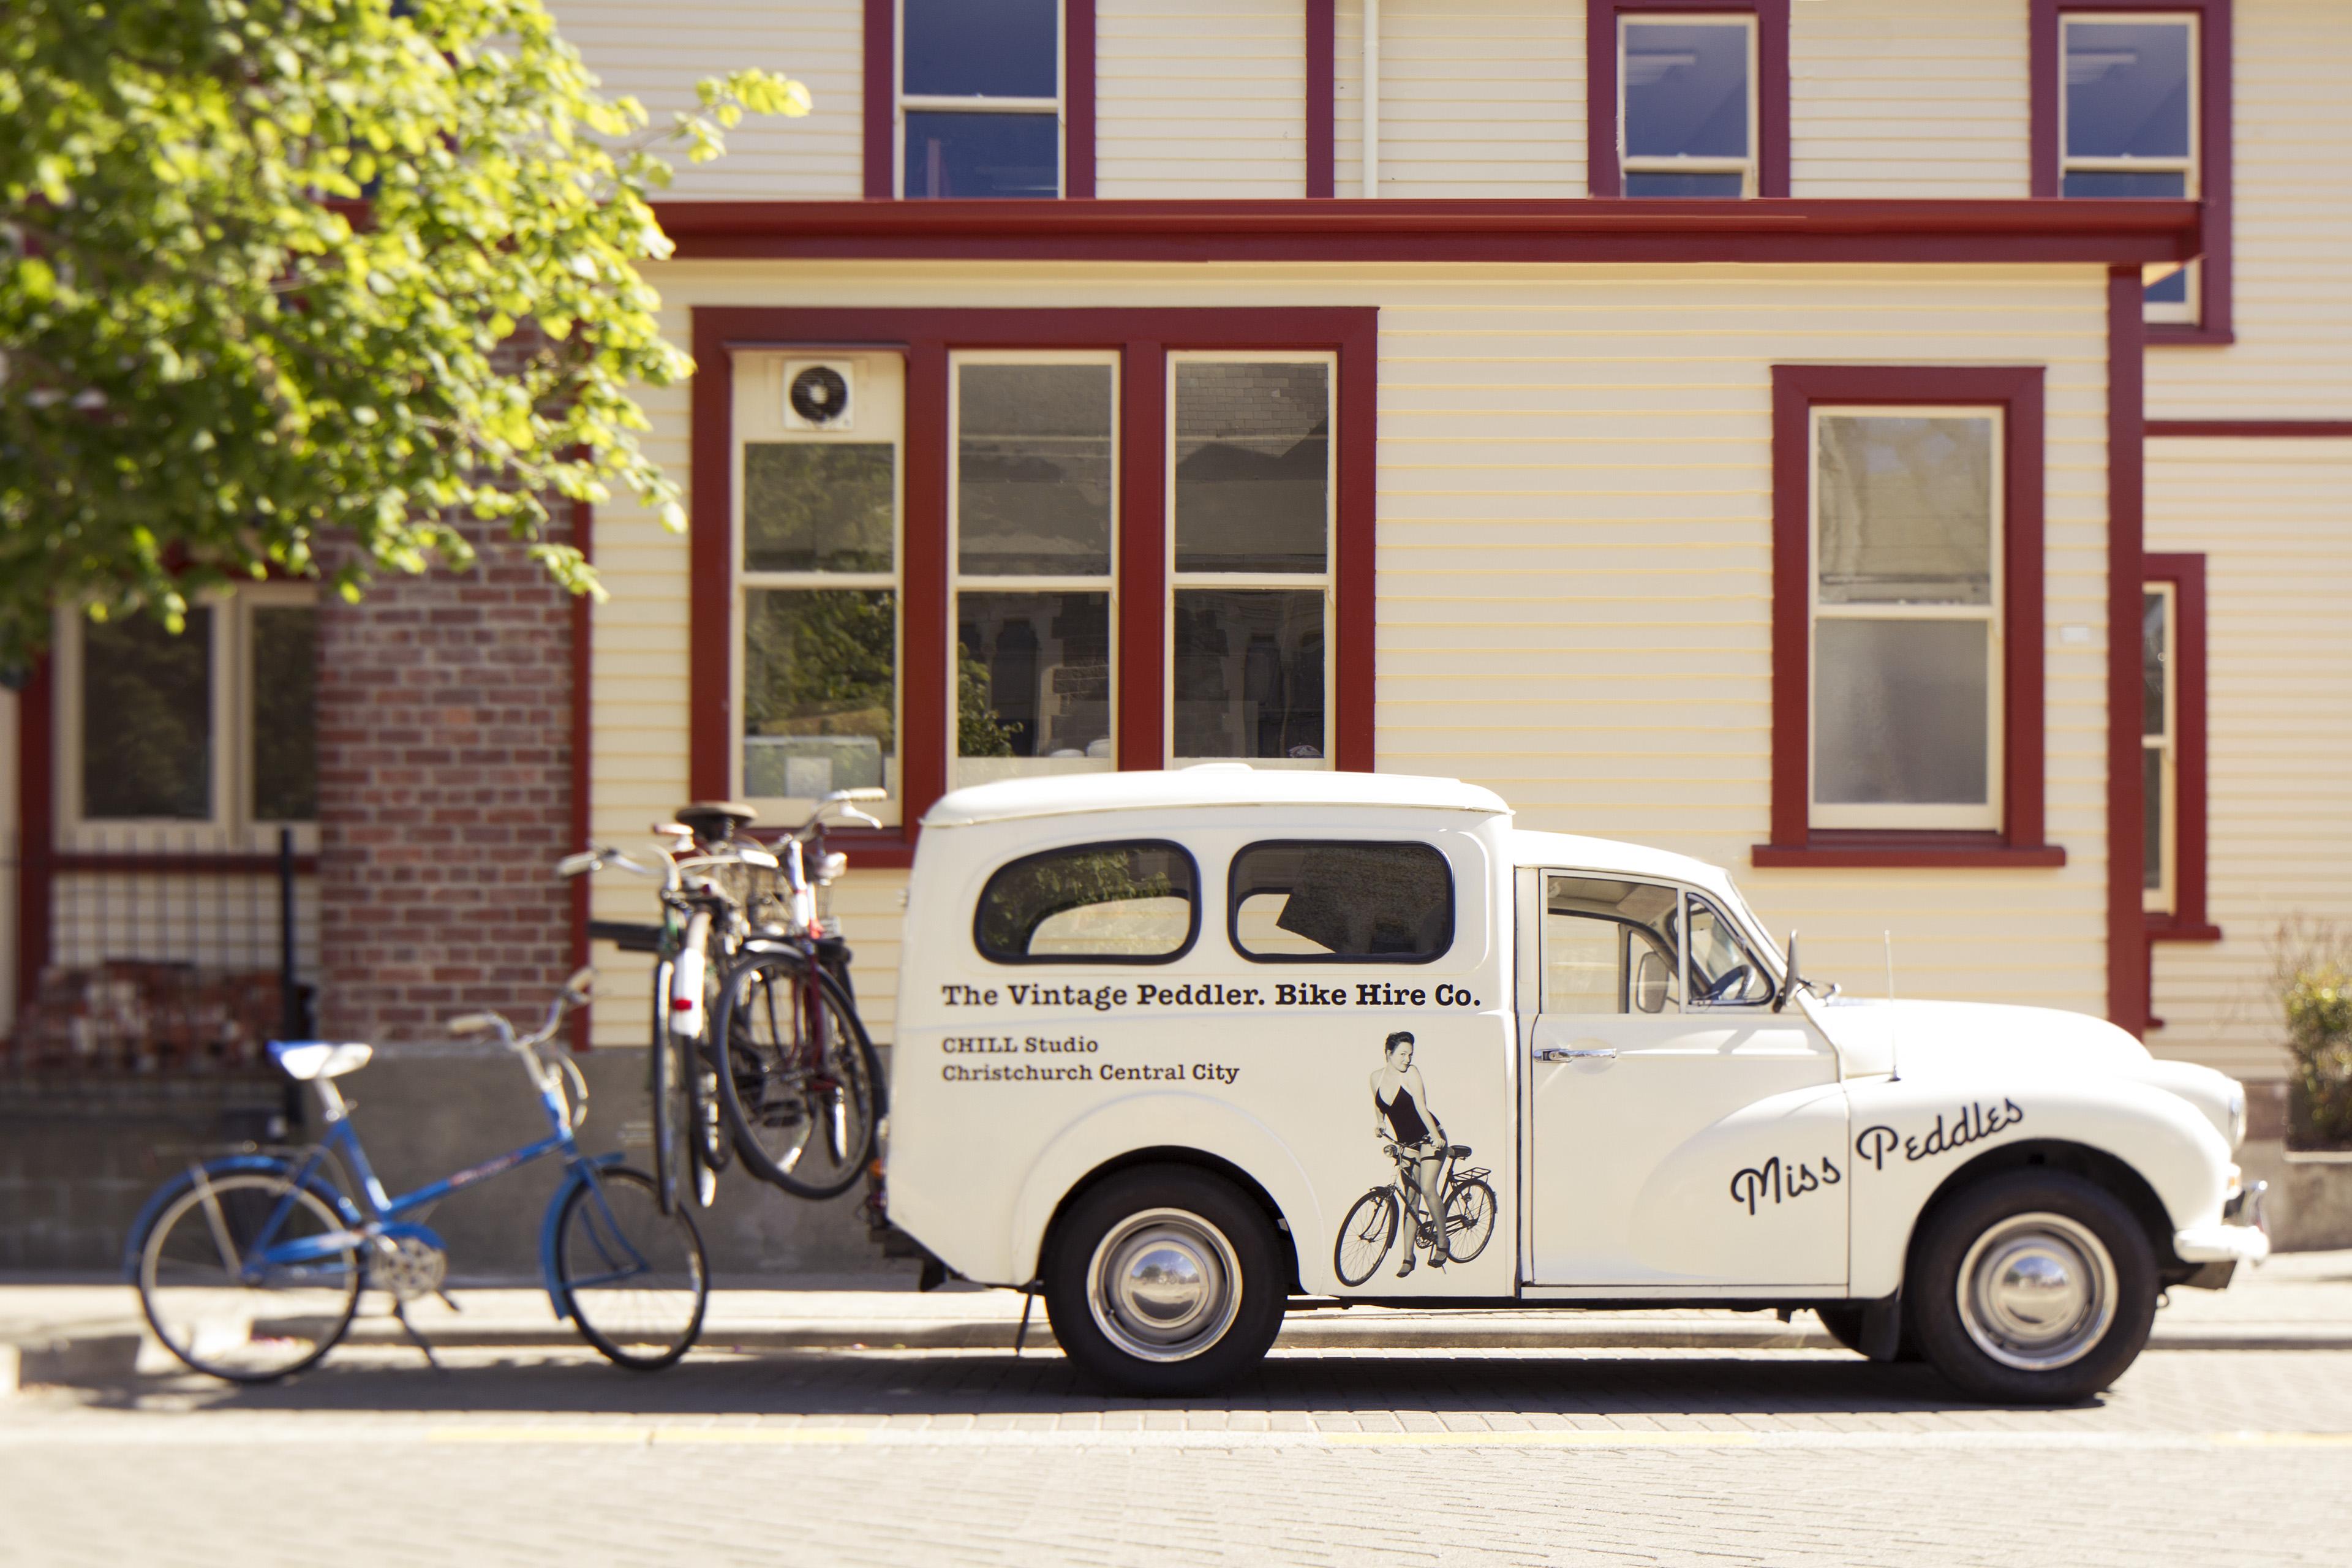 miss peddles the vintage peddler bike mobile